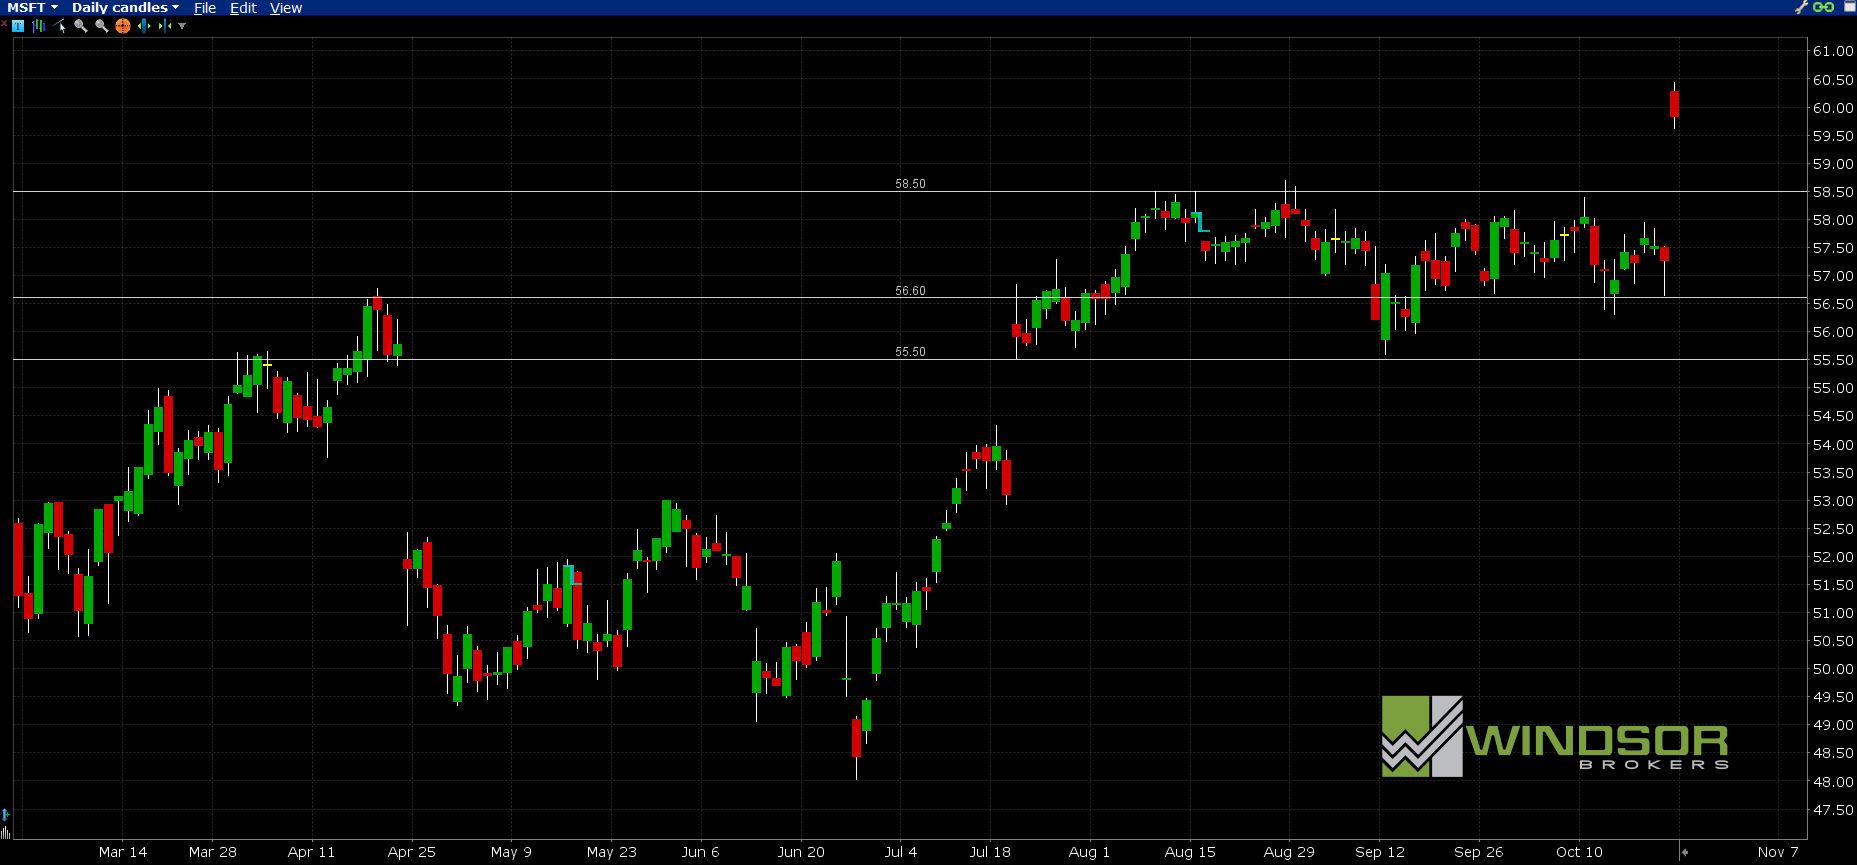 Wykres Microsoft dla interwału D1. All Markets Online.